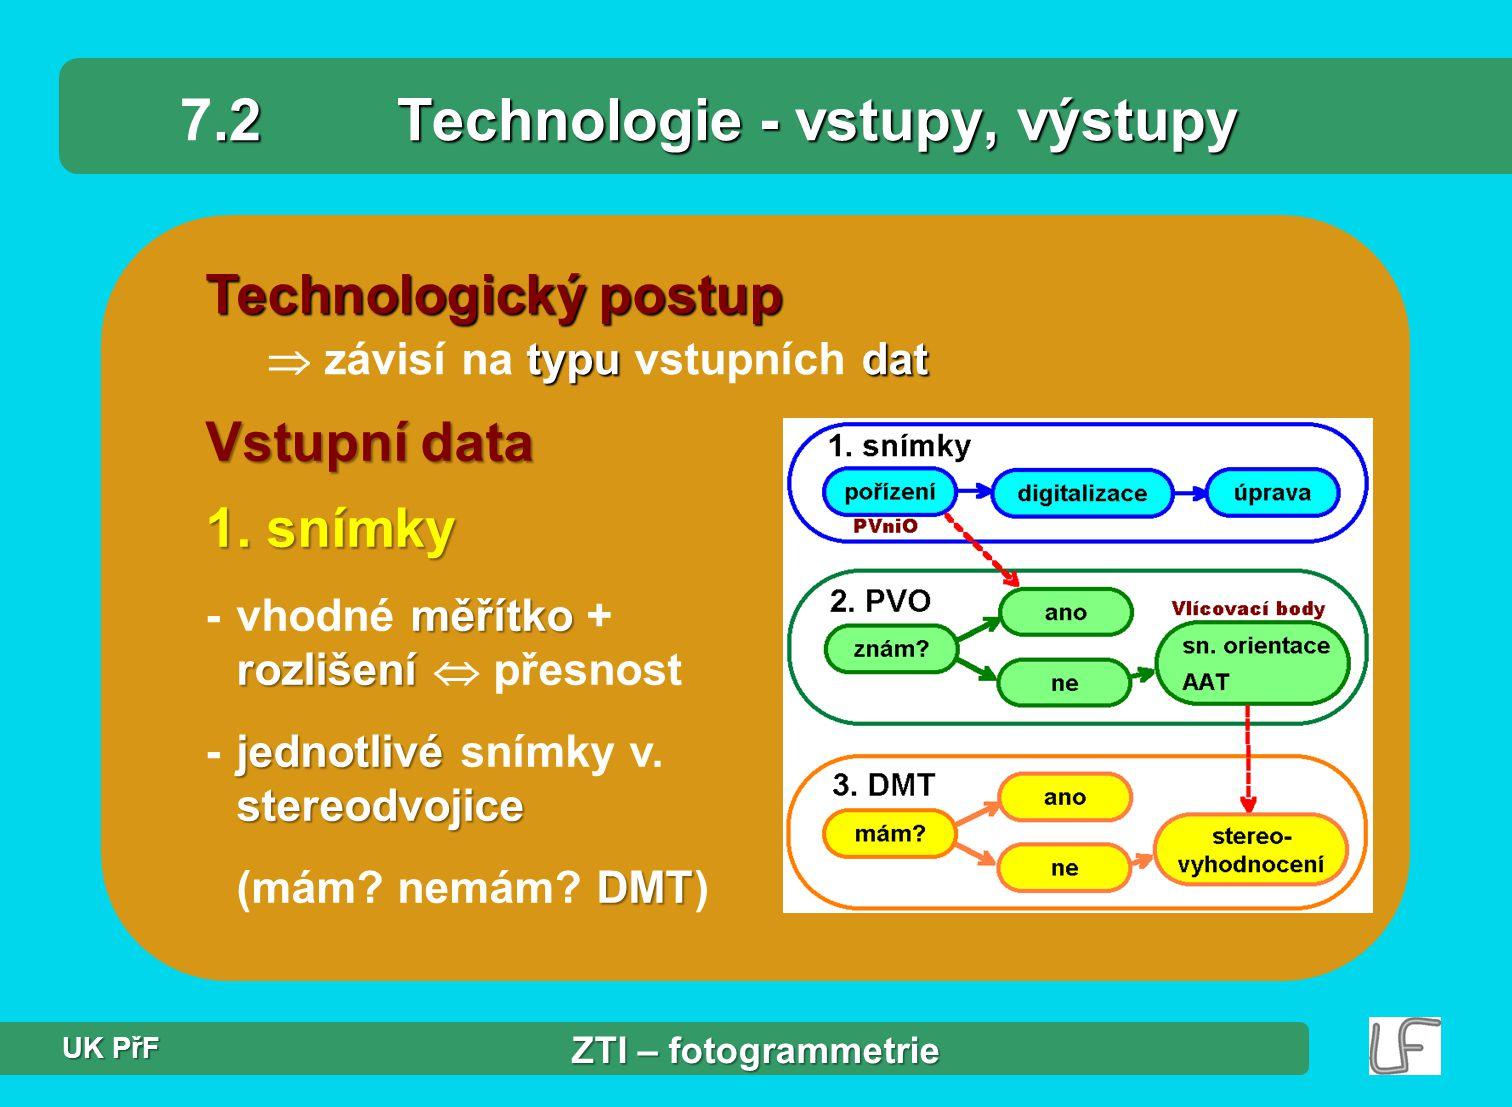 Technologický postup typudat Technologický postup  závisí na typu vstupních dat.2Technologie - vstupy, výstupy 7.2Technologie - vstupy, výstupy Vstup